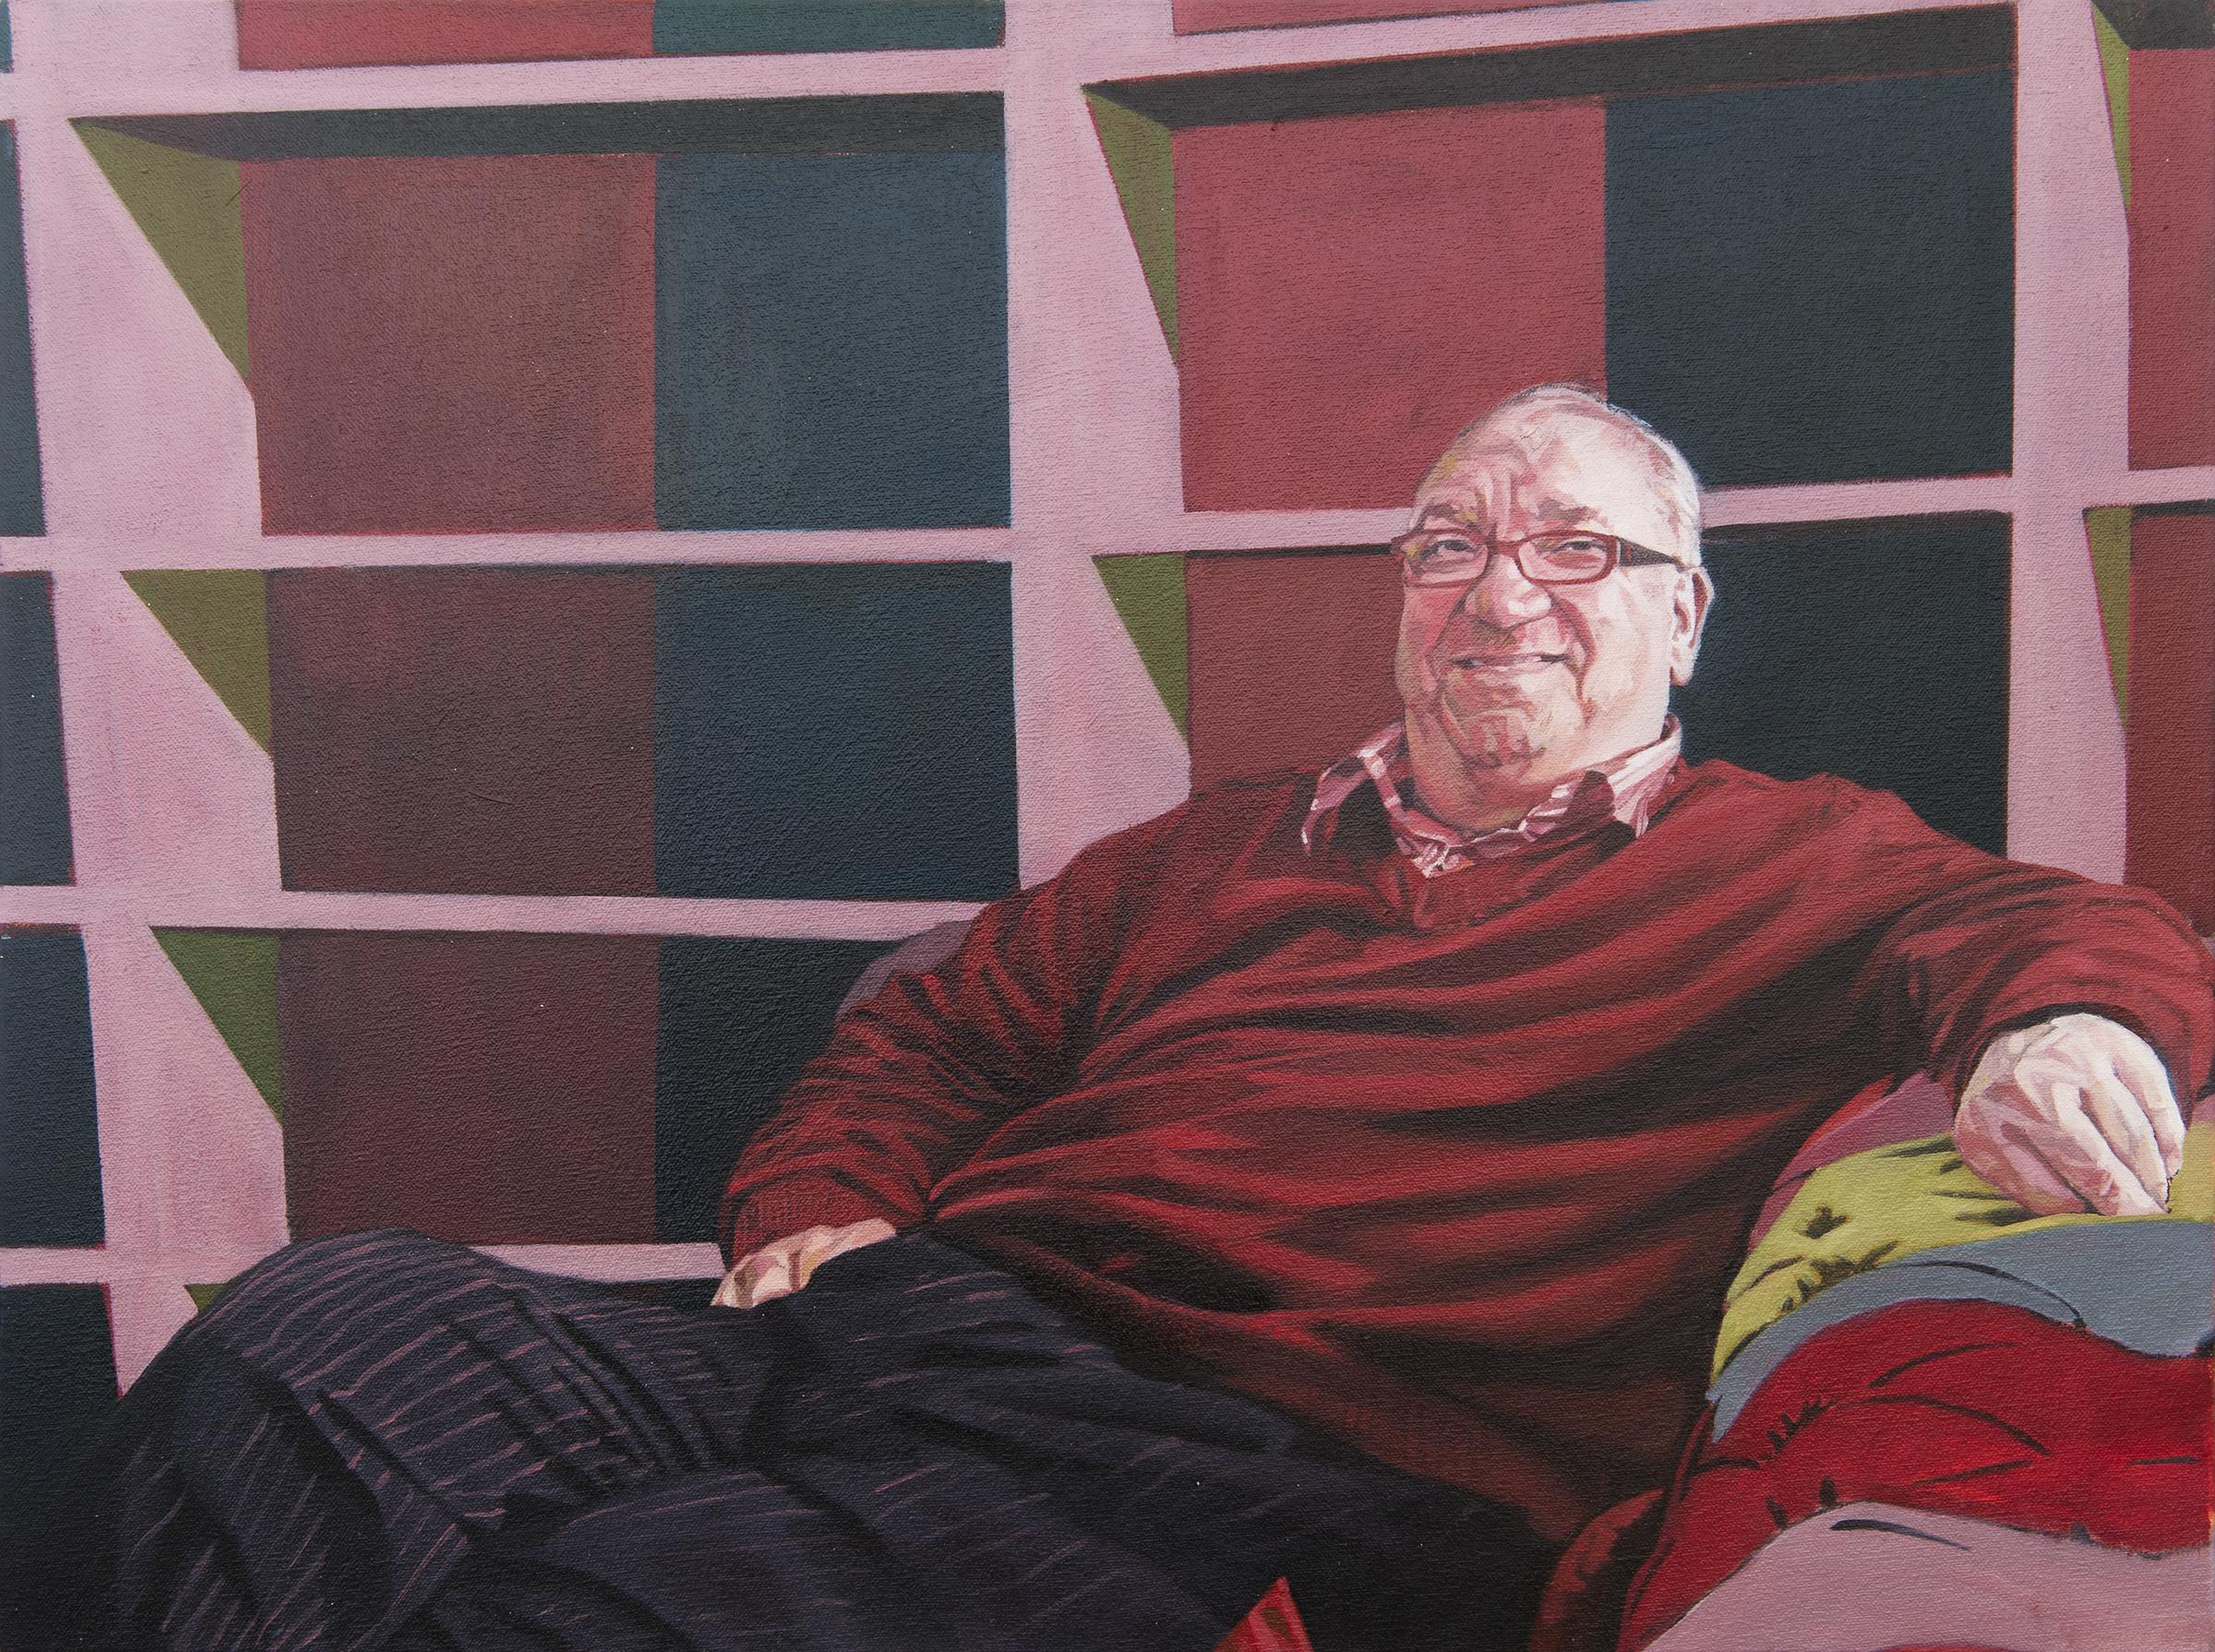 Derek, 2013, oil on canvas, 18 x 24in.